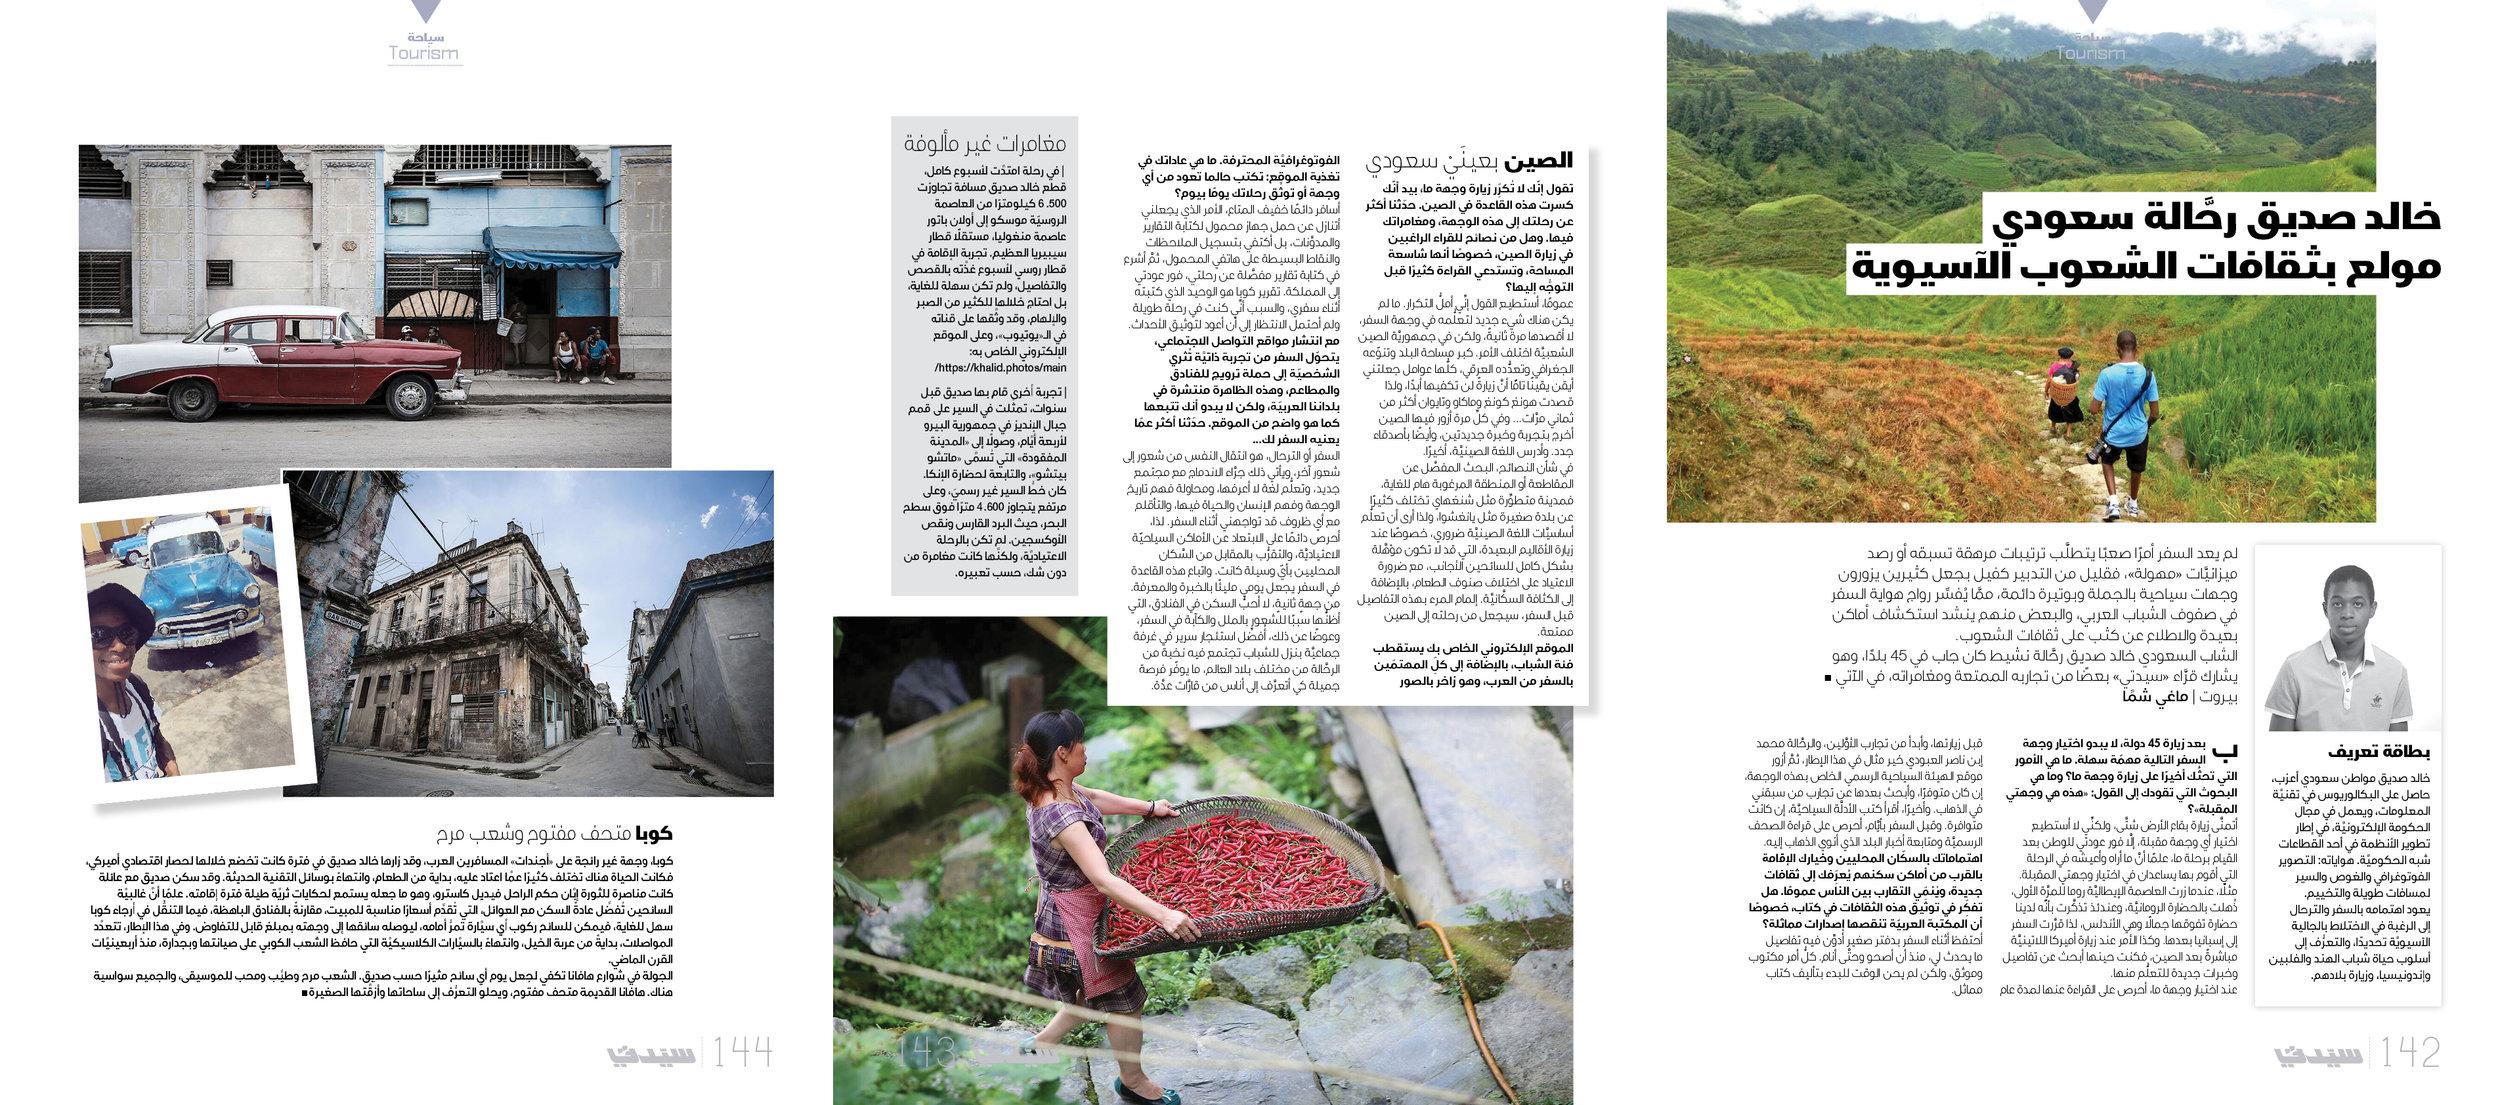 مجلة سيدتي - وحديث حول بعض الرحلات